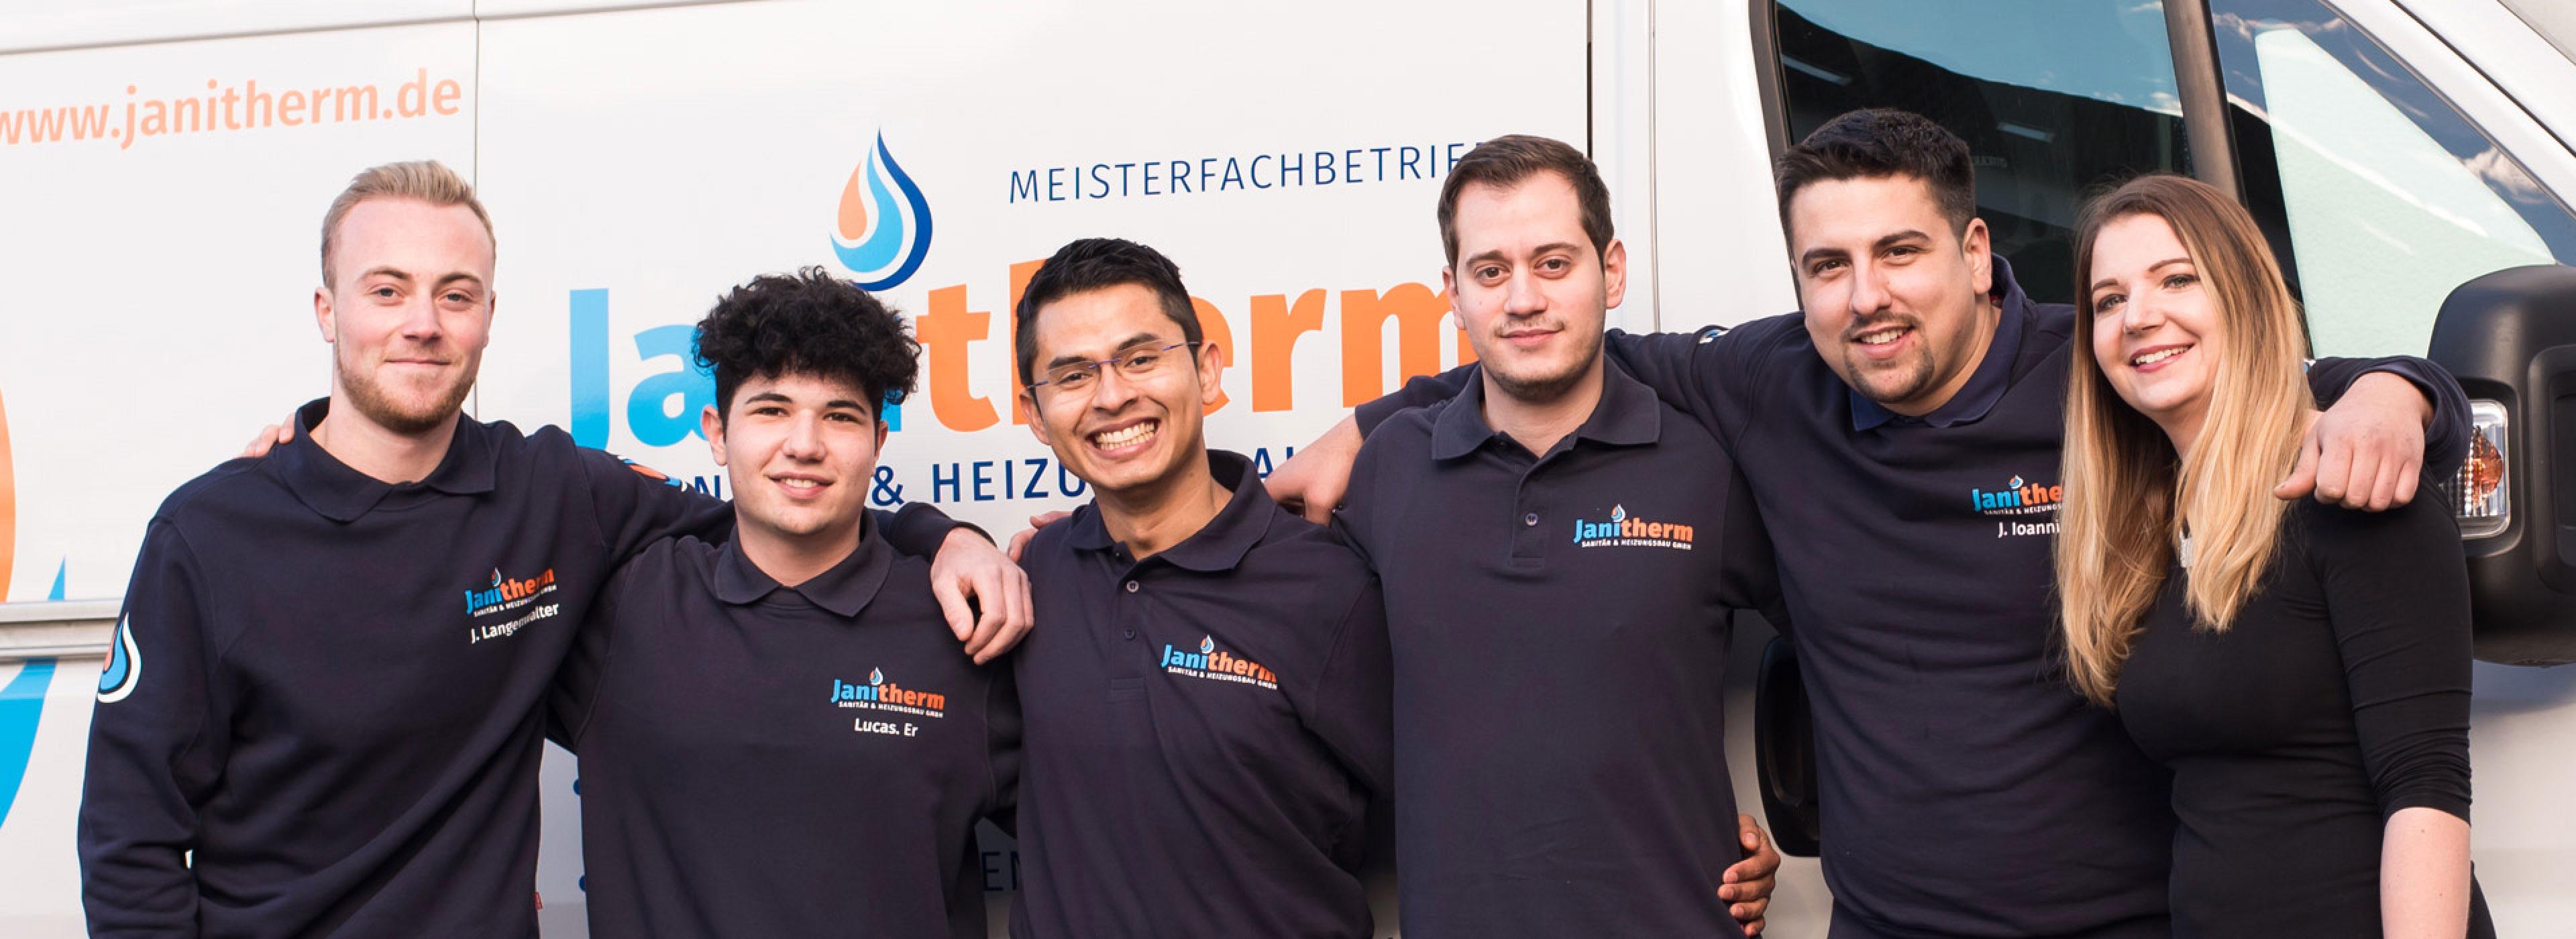 Janitherm - Sanitär Heizung Klima - alles rund ums Haus